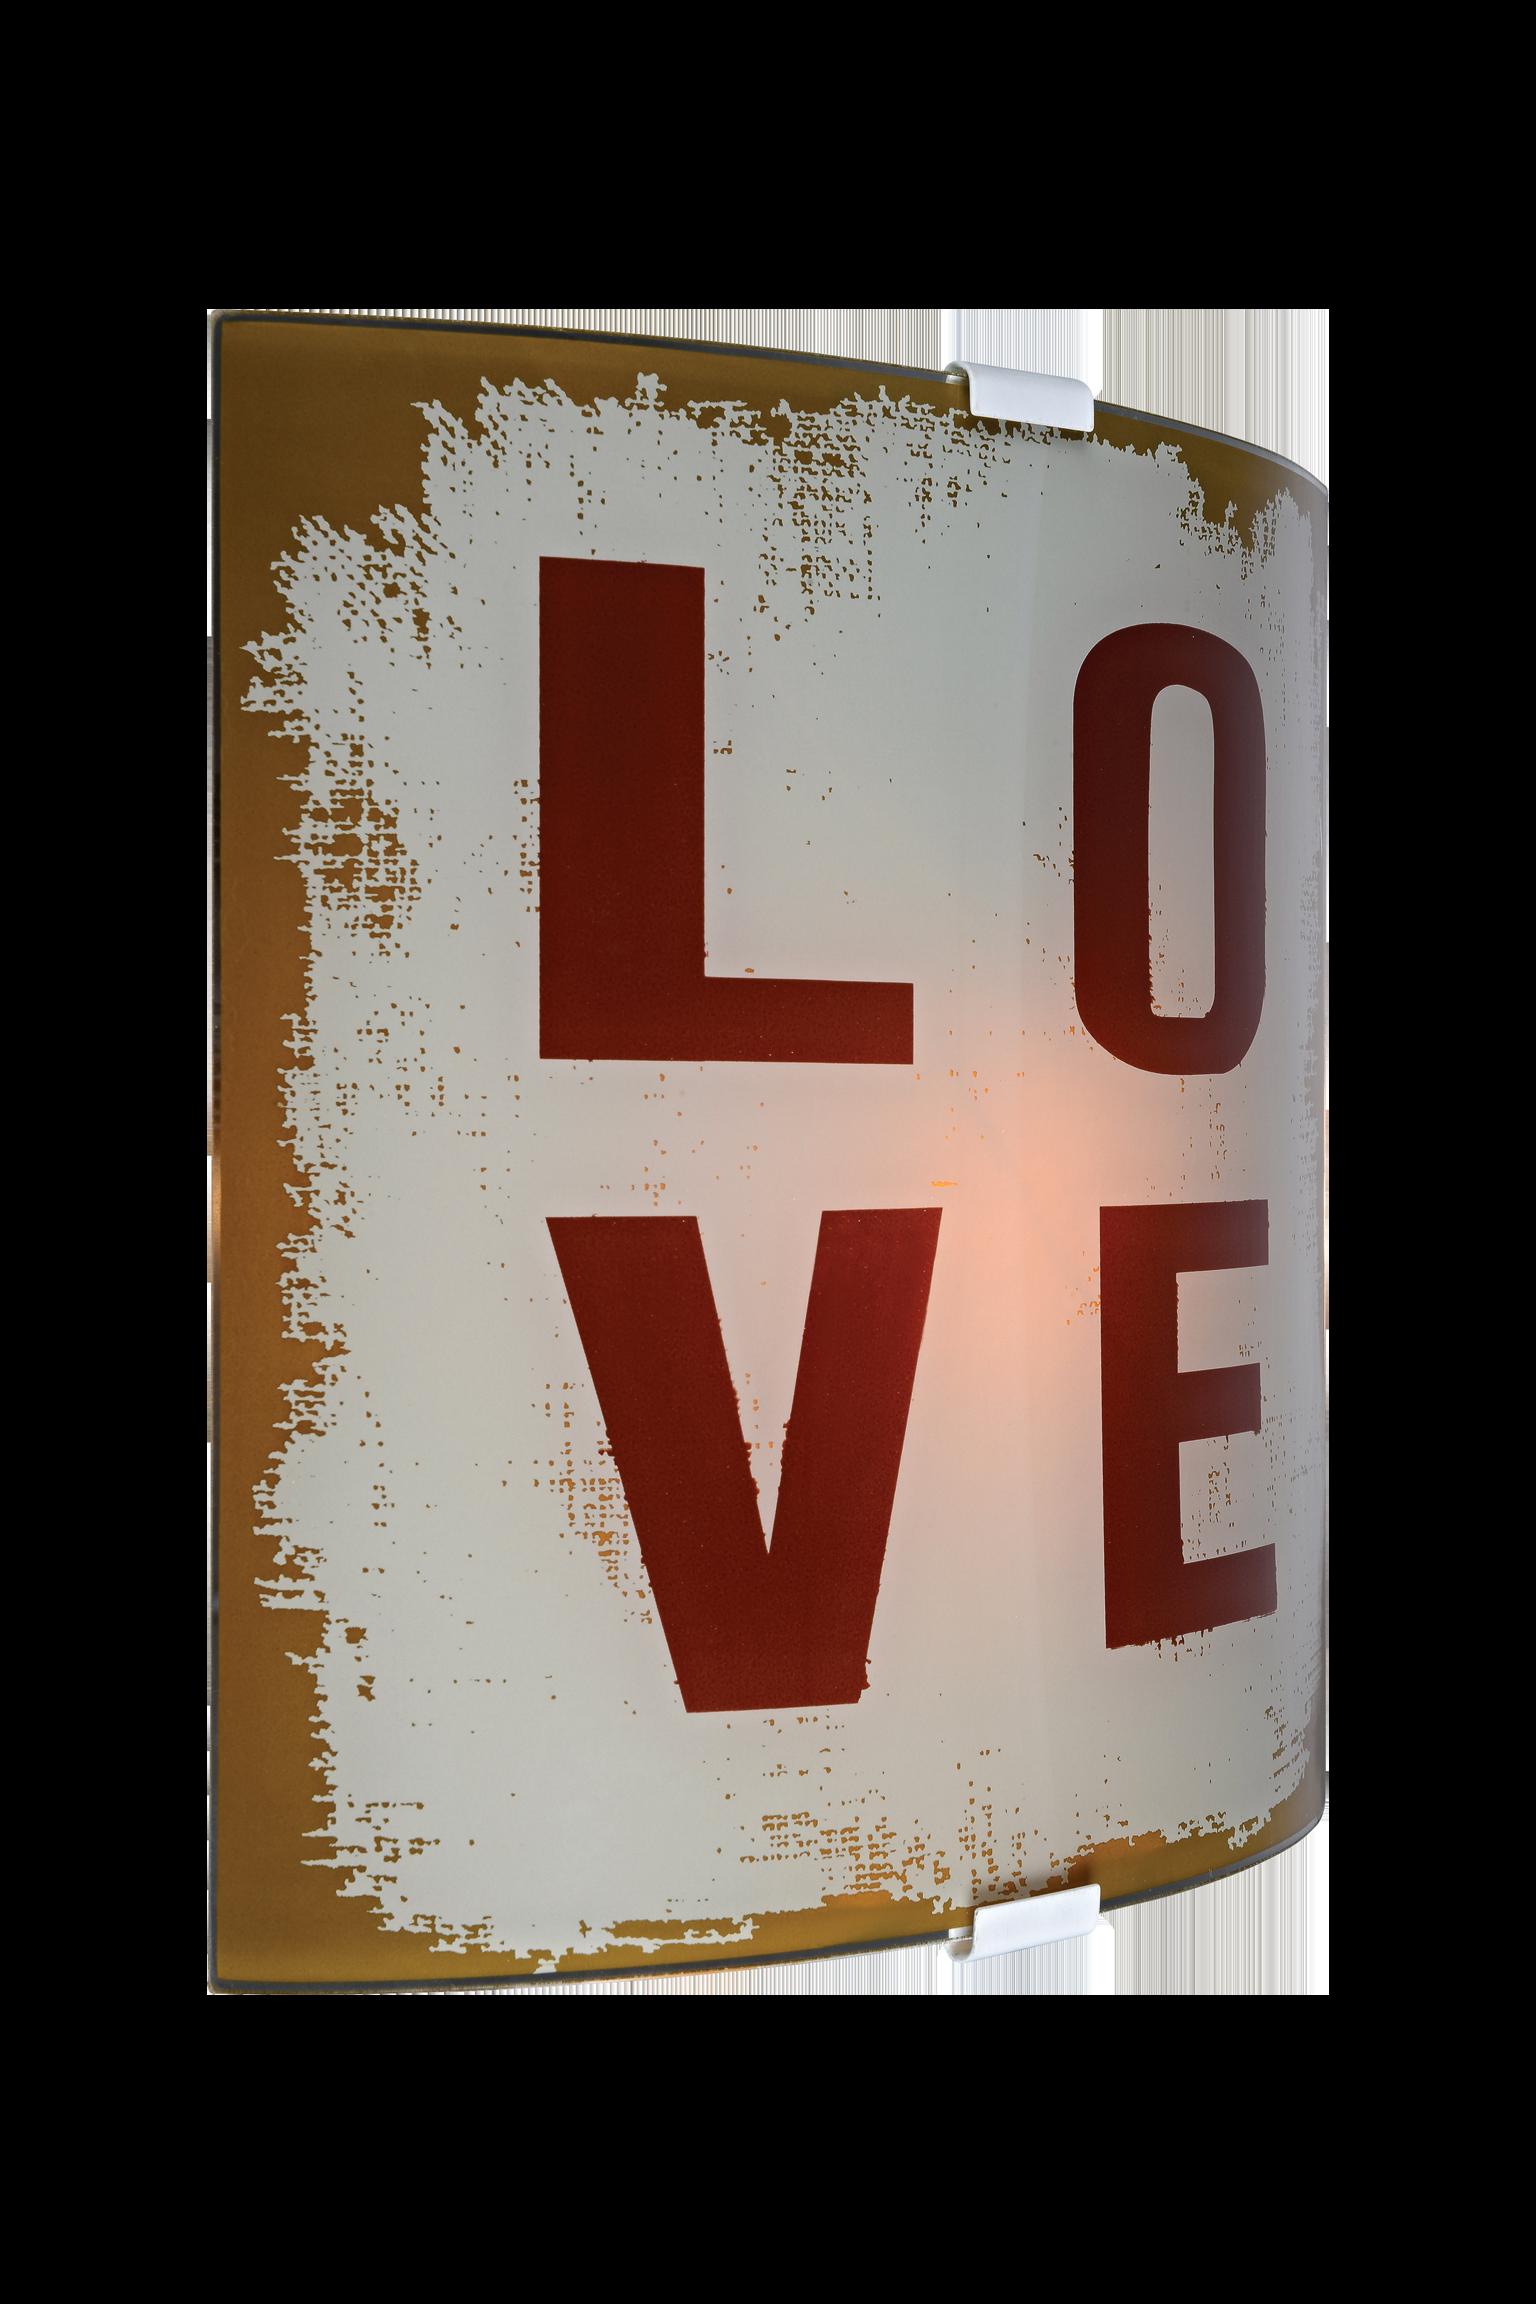 LOVE - Wall